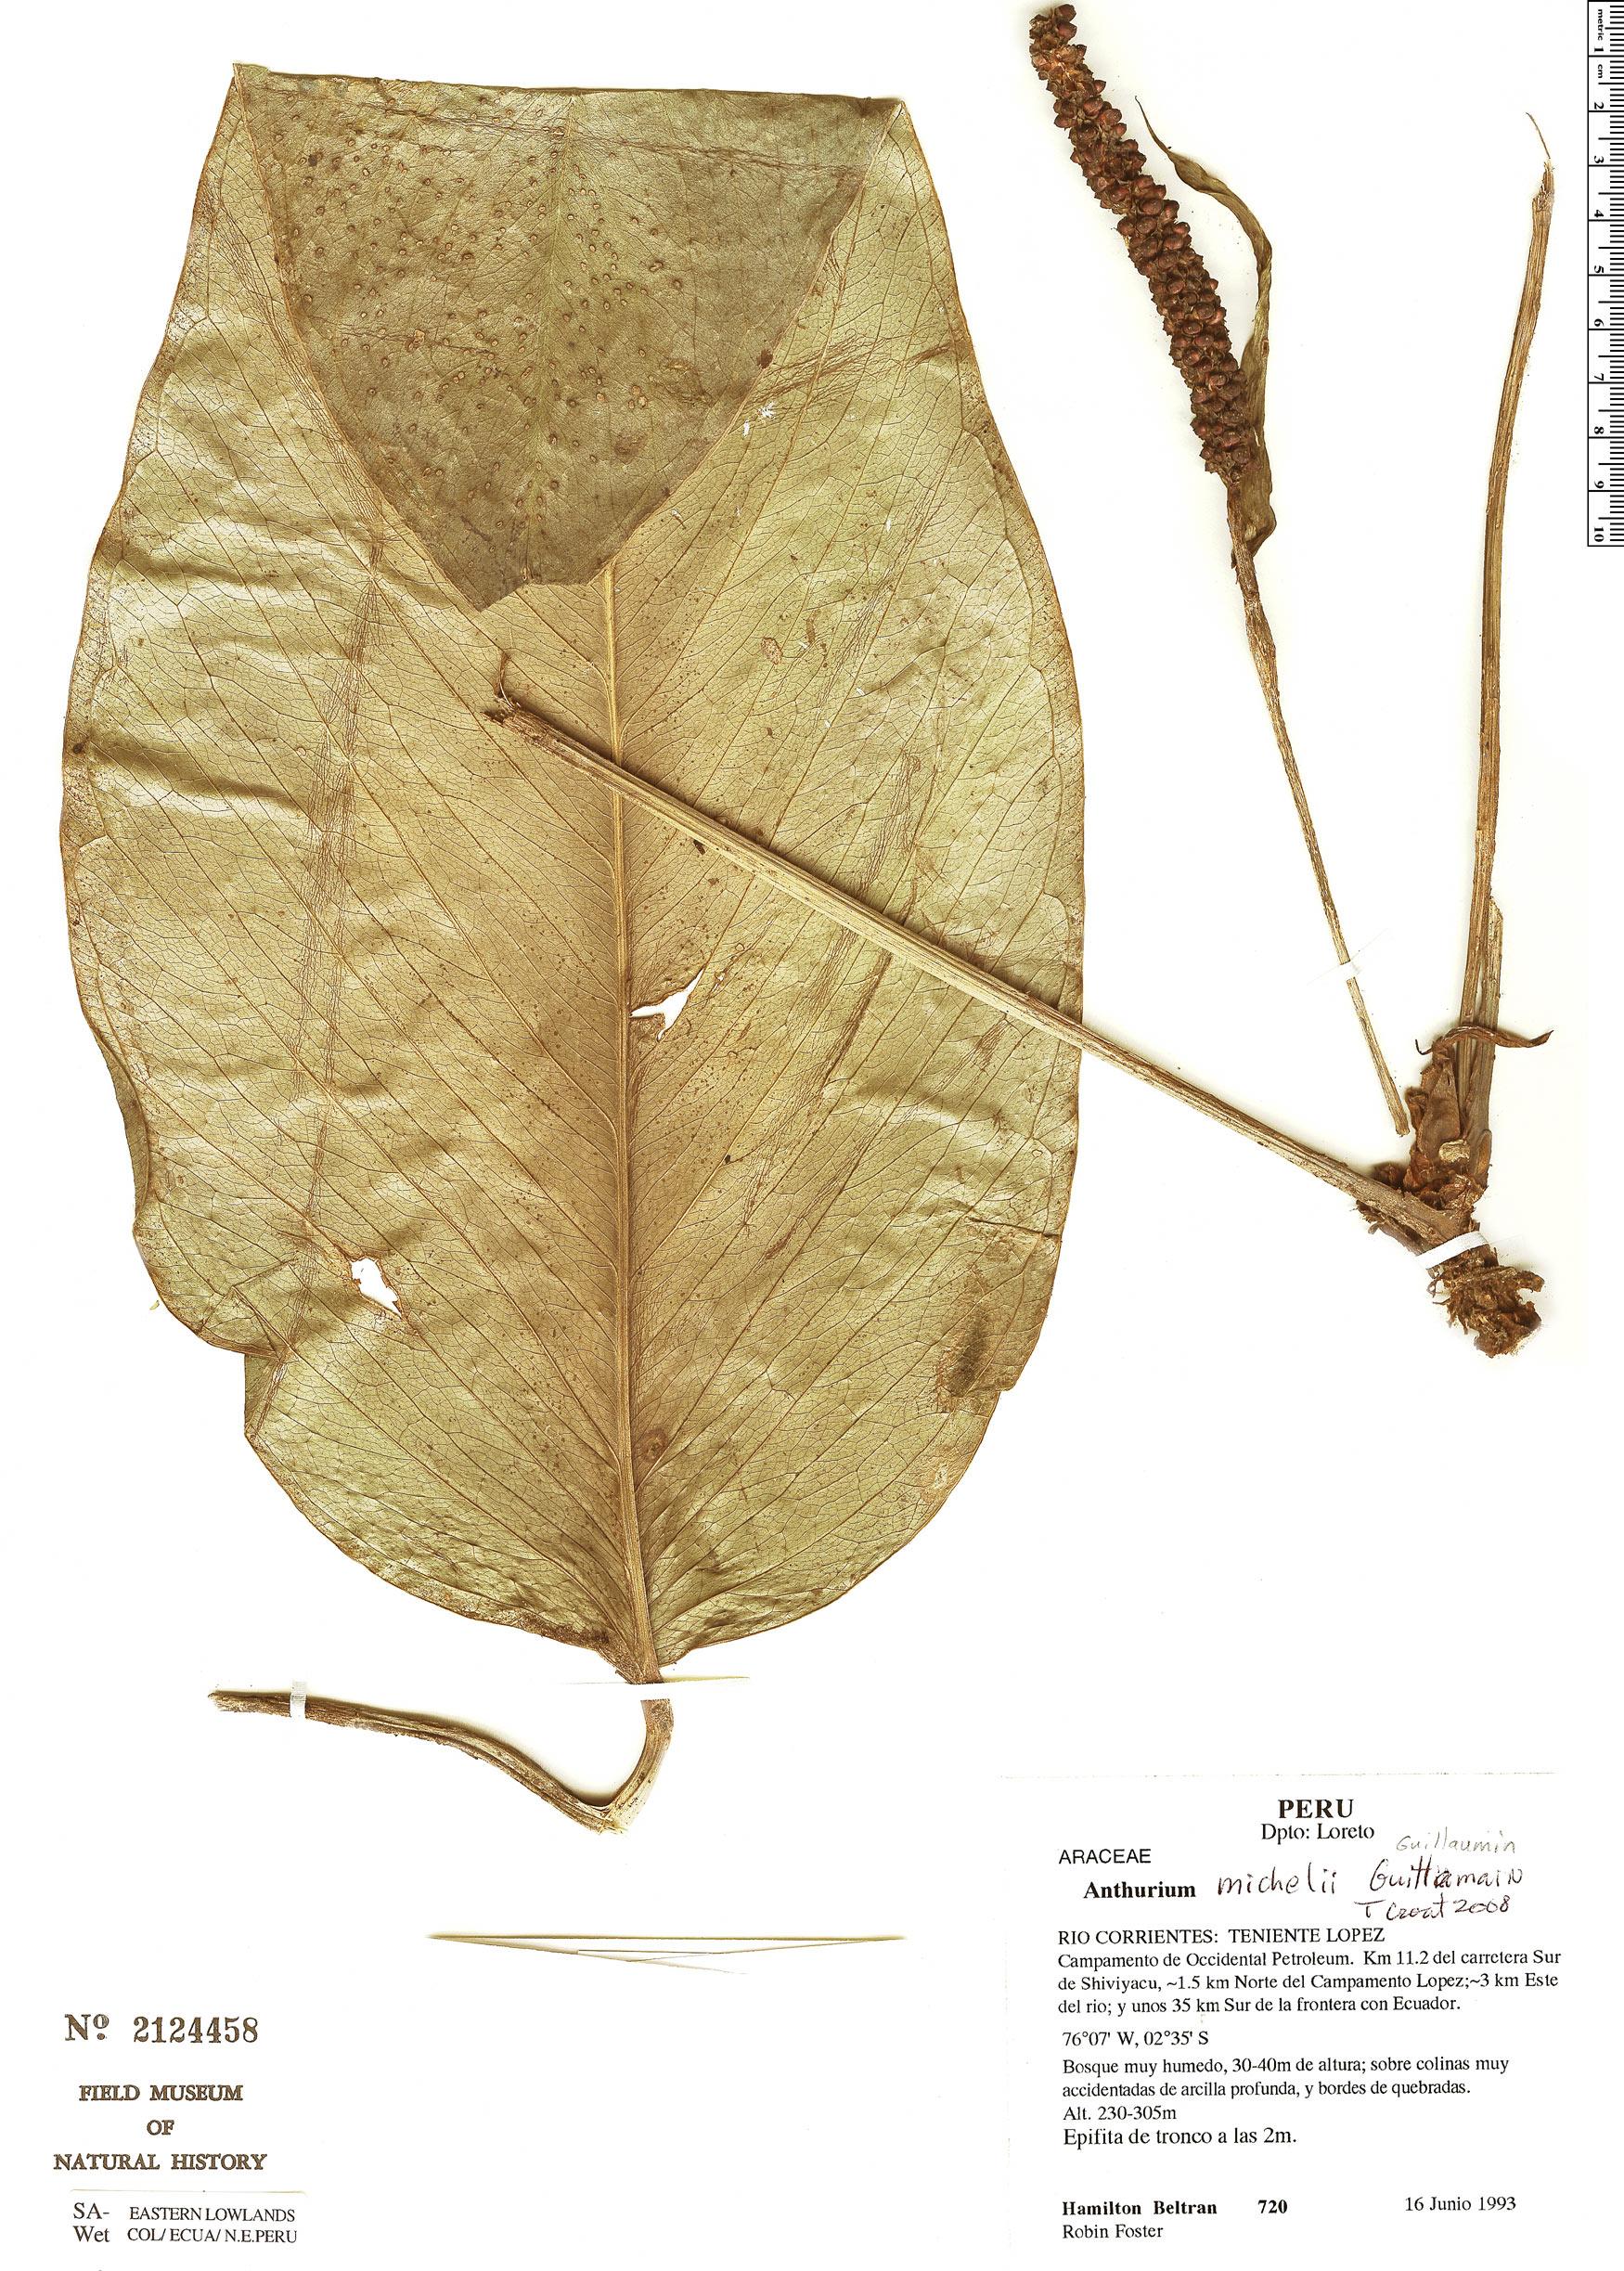 Specimen: Anthurium michelii